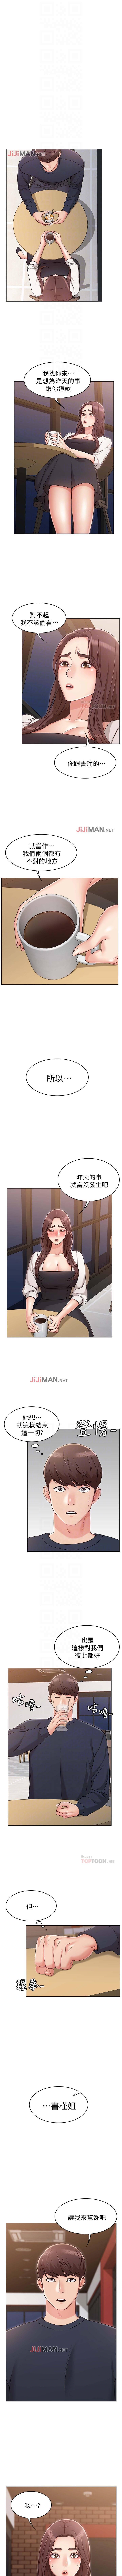 【周六连载】女友的姐姐(作者:橡果人&獵狗) 第1~14话 45